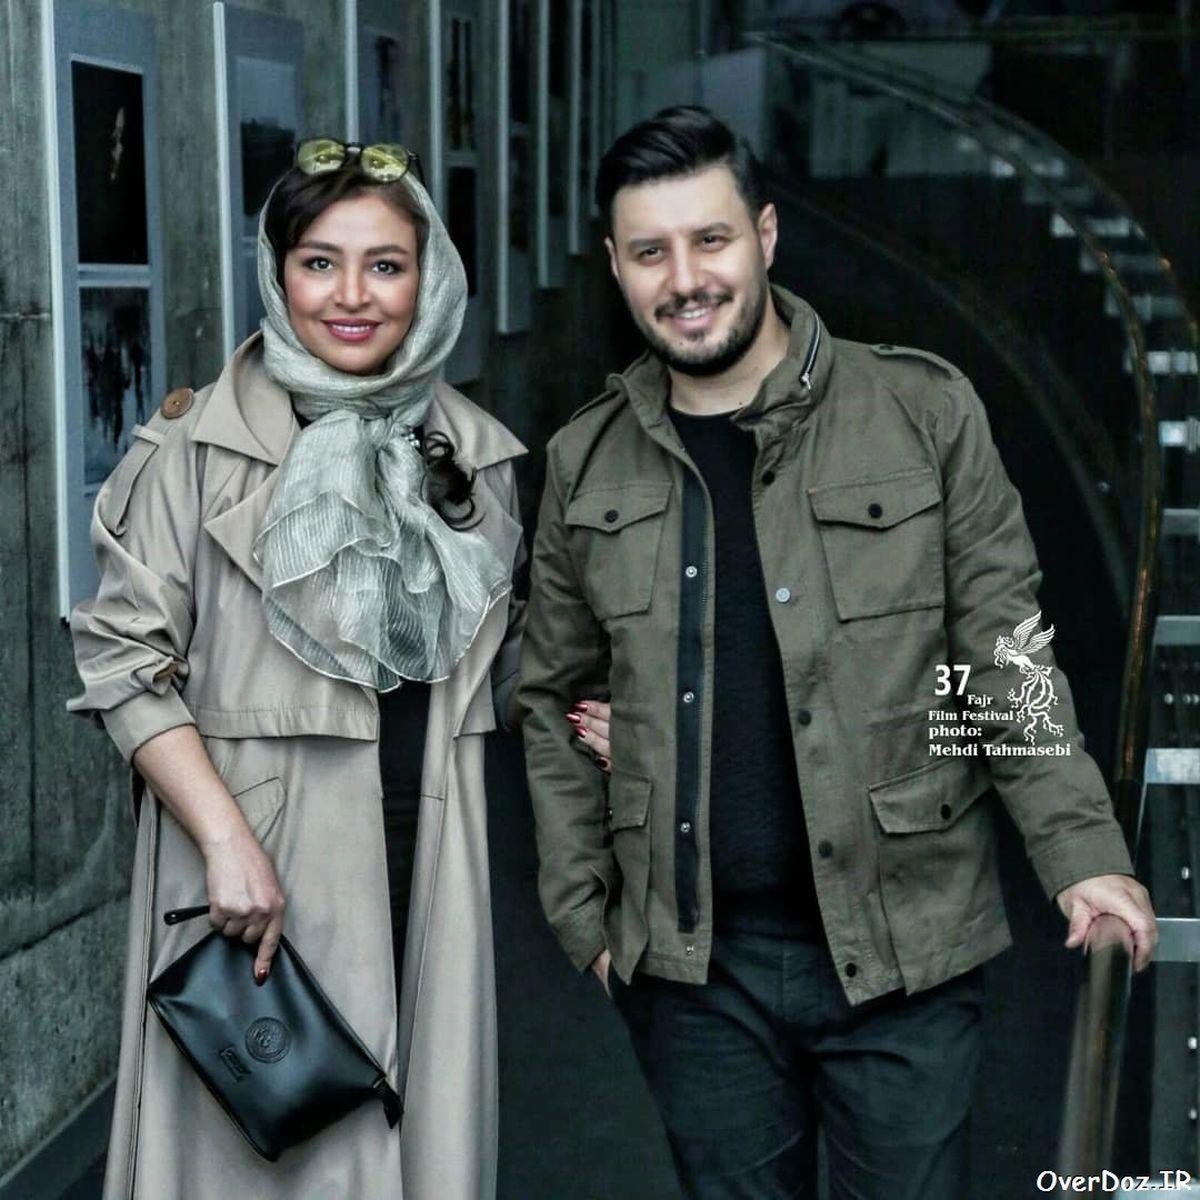 تیپ جالب همسر جواد عزتی در آلمان + عکس همسر جواد عزتی